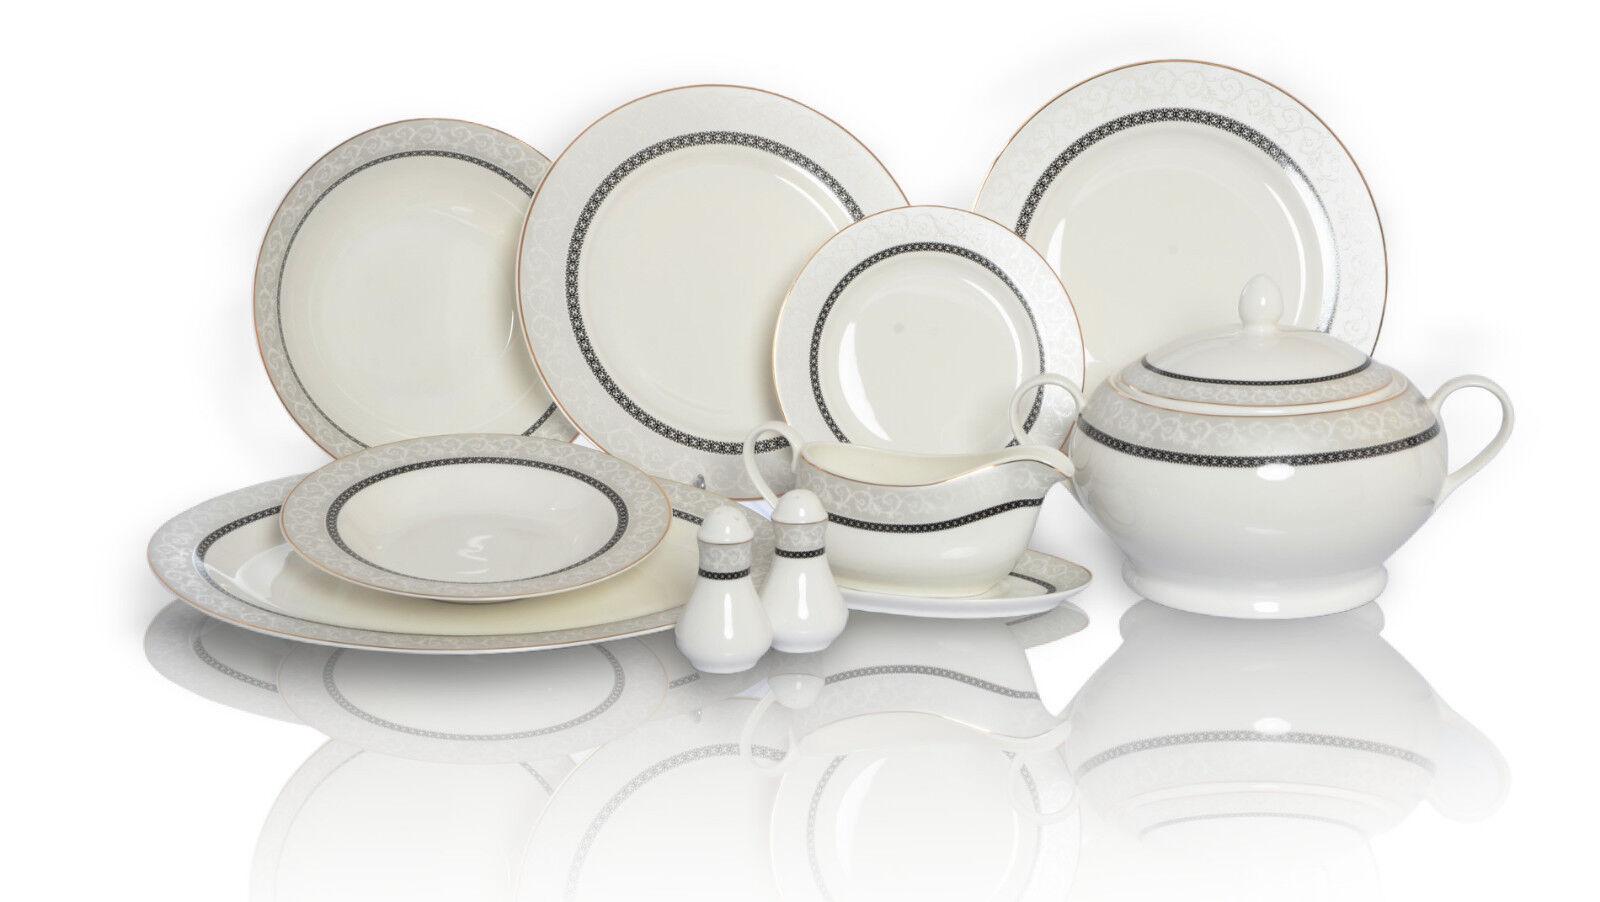 42 pcs de porcelaine Set tablerware Vaisselle Assiette Service cadeau floral fine